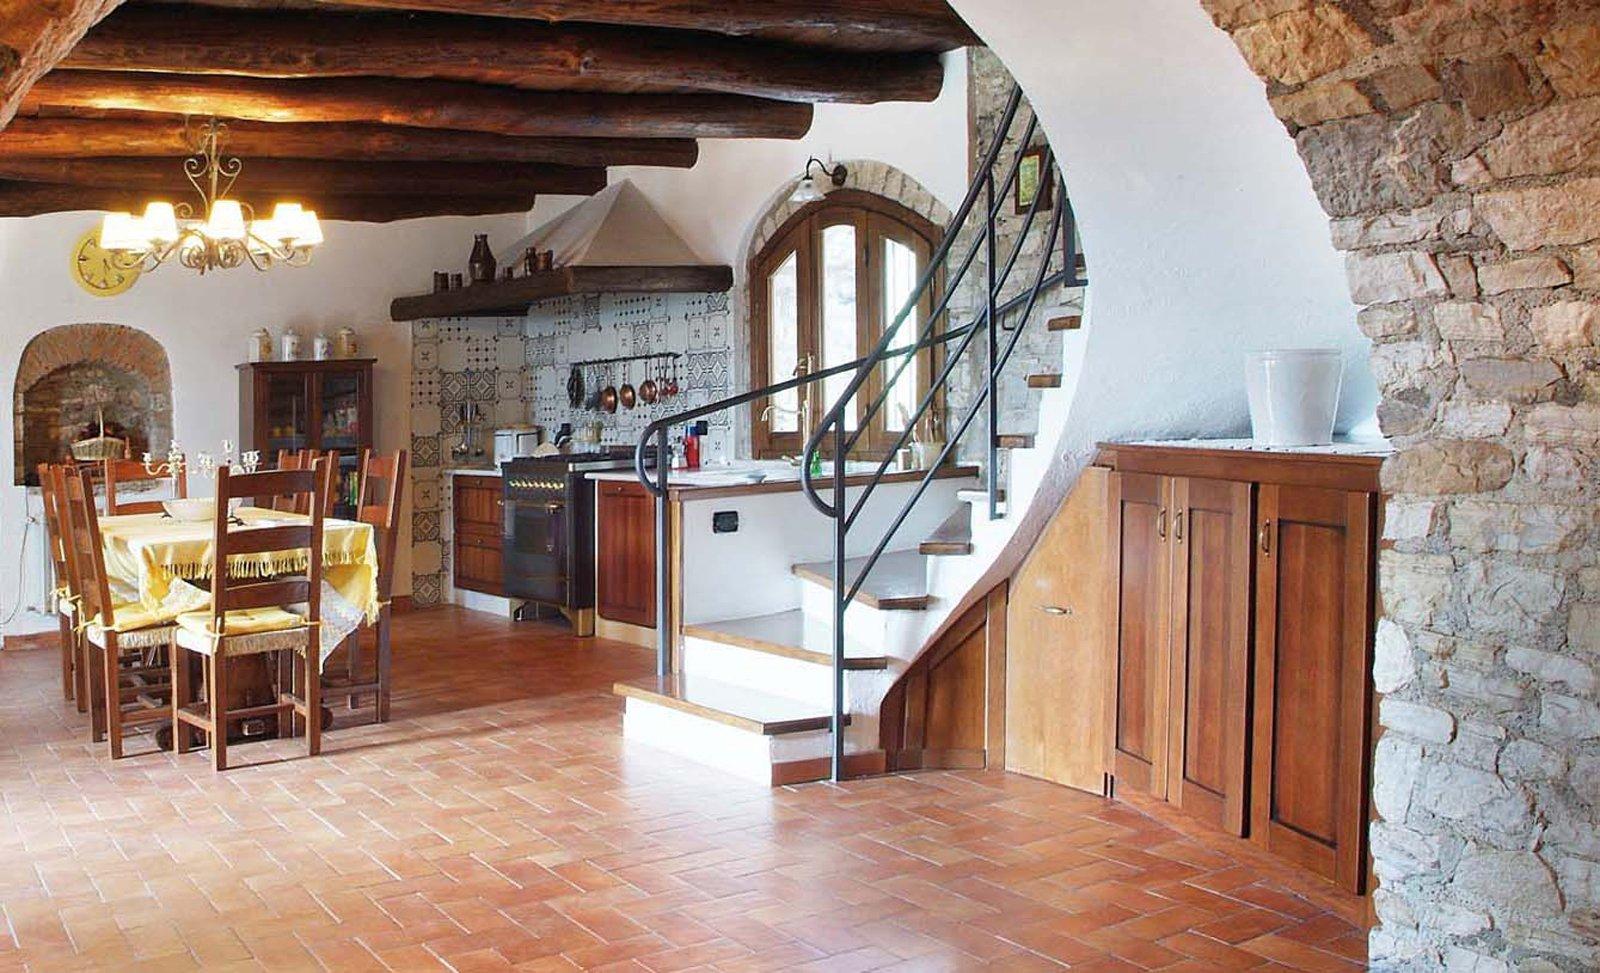 Casabook immobiliare gres porcellanato ceramica italiana di qualit nelle case di tutta europa - Crepe nelle piastrelle del pavimento ...